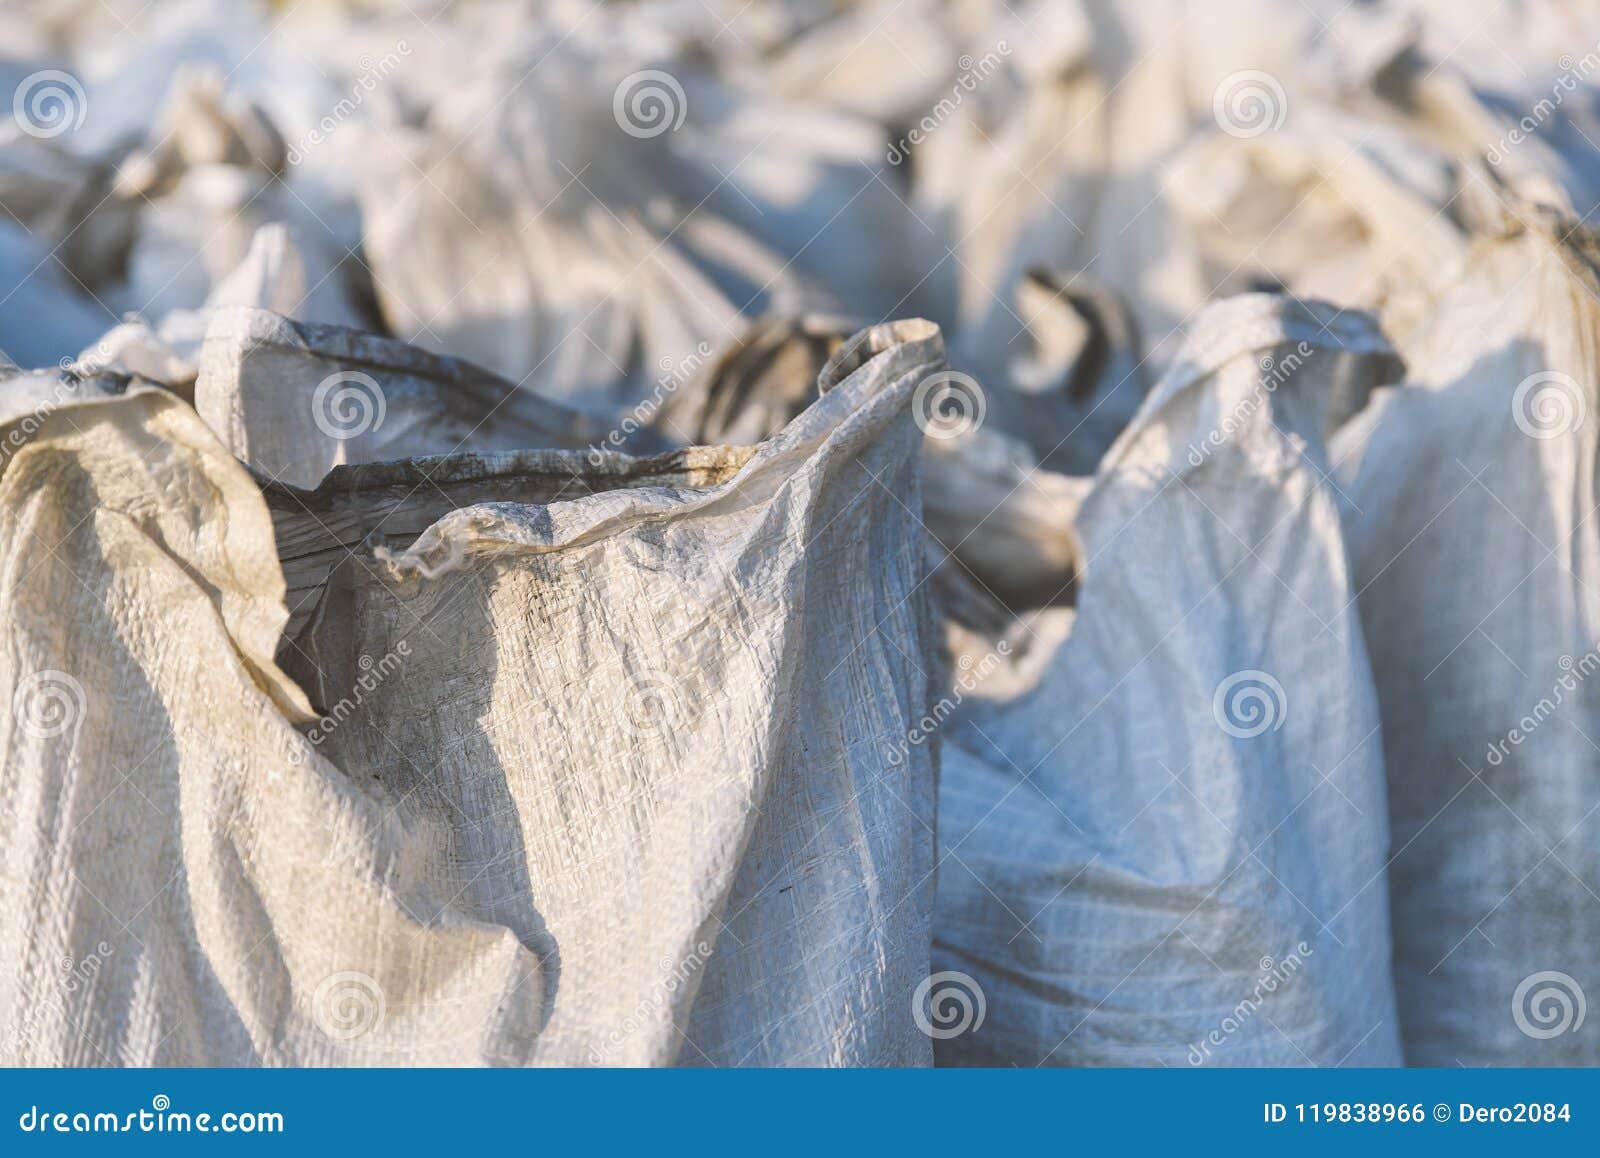 El grupo de bolsos llenados del polipropileno, el embalar de las mercancías para el transporte y el almacenamiento en almacén, pl